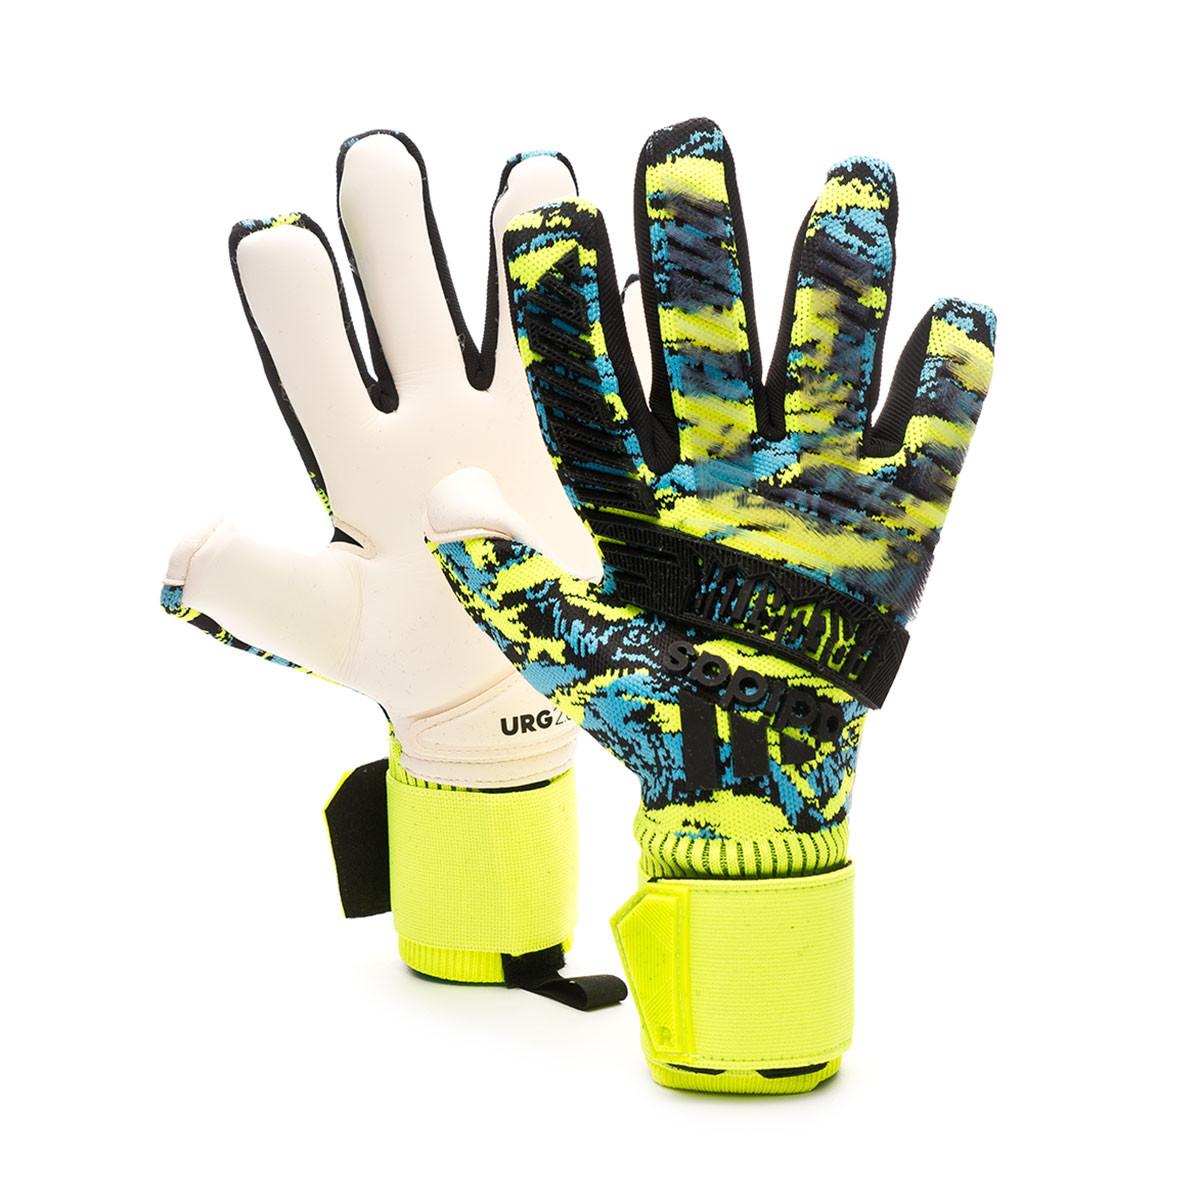 Inválido Maestría Fielmente  Guante de portero adidas Predator Pro Manuel Neuer Solar yellow-Bright  cyan-Black - Tienda de fútbol Fútbol Emotion